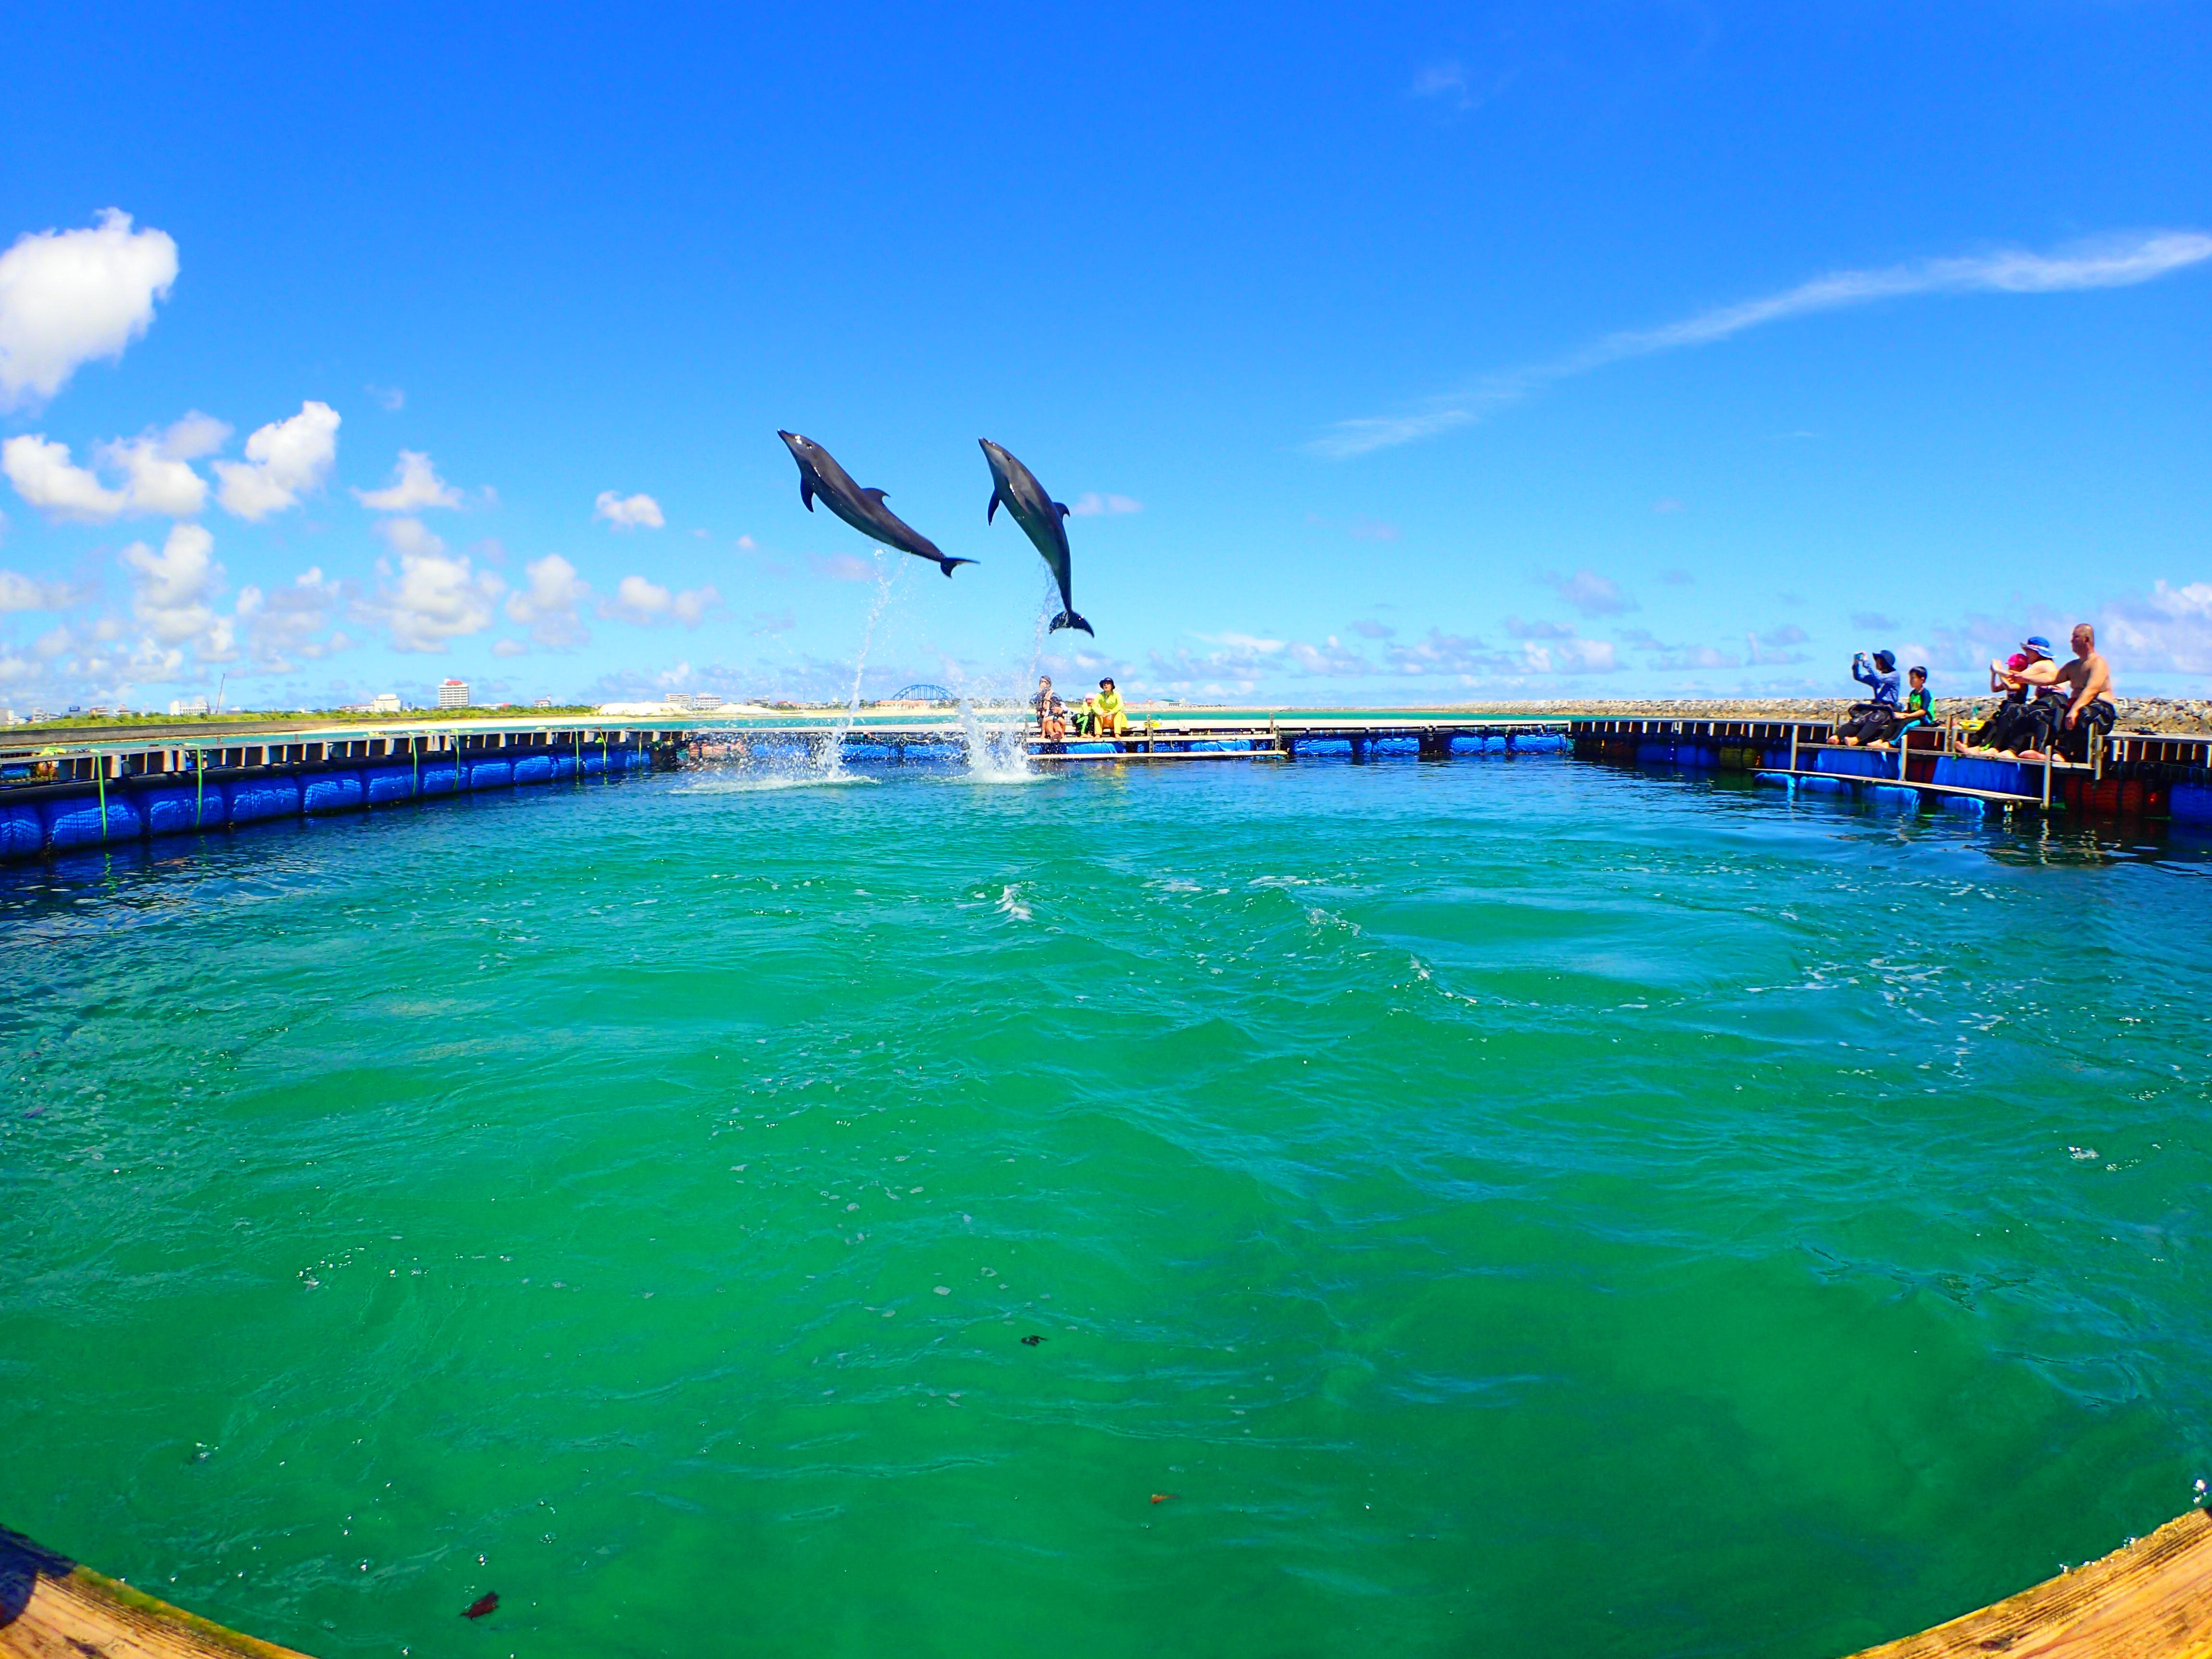 イルカ鑑賞のできる人工の南ぬ浜町ビーチ